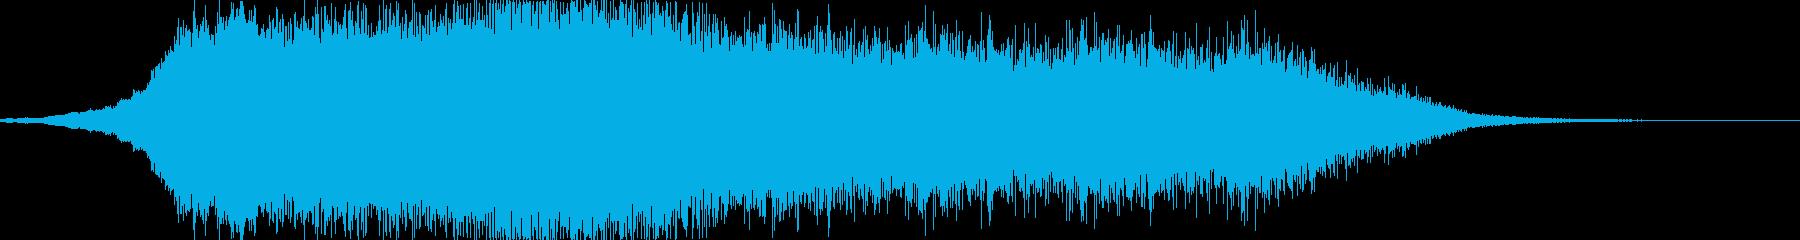 パワースイープバージョン1の再生済みの波形